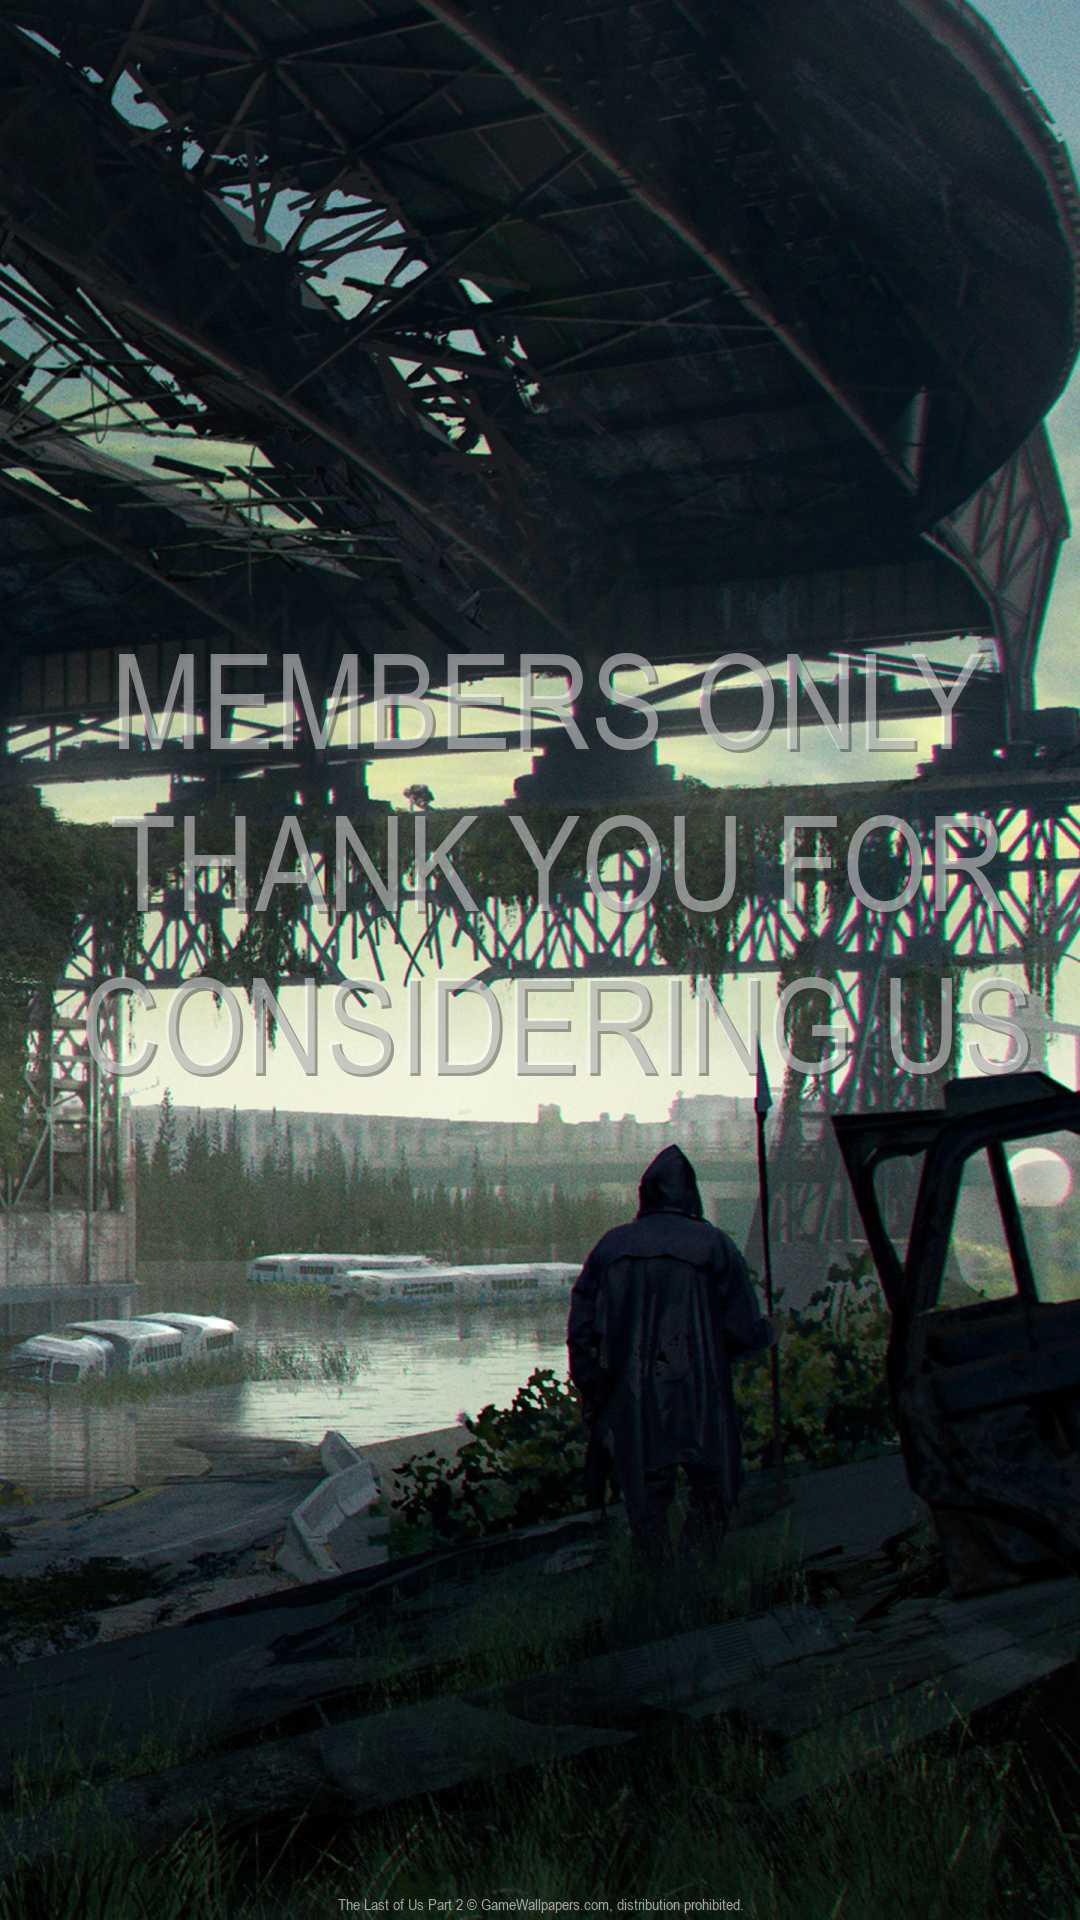 The Last of Us: Part 2 1080p Vertical Mobile fond d'écran 10